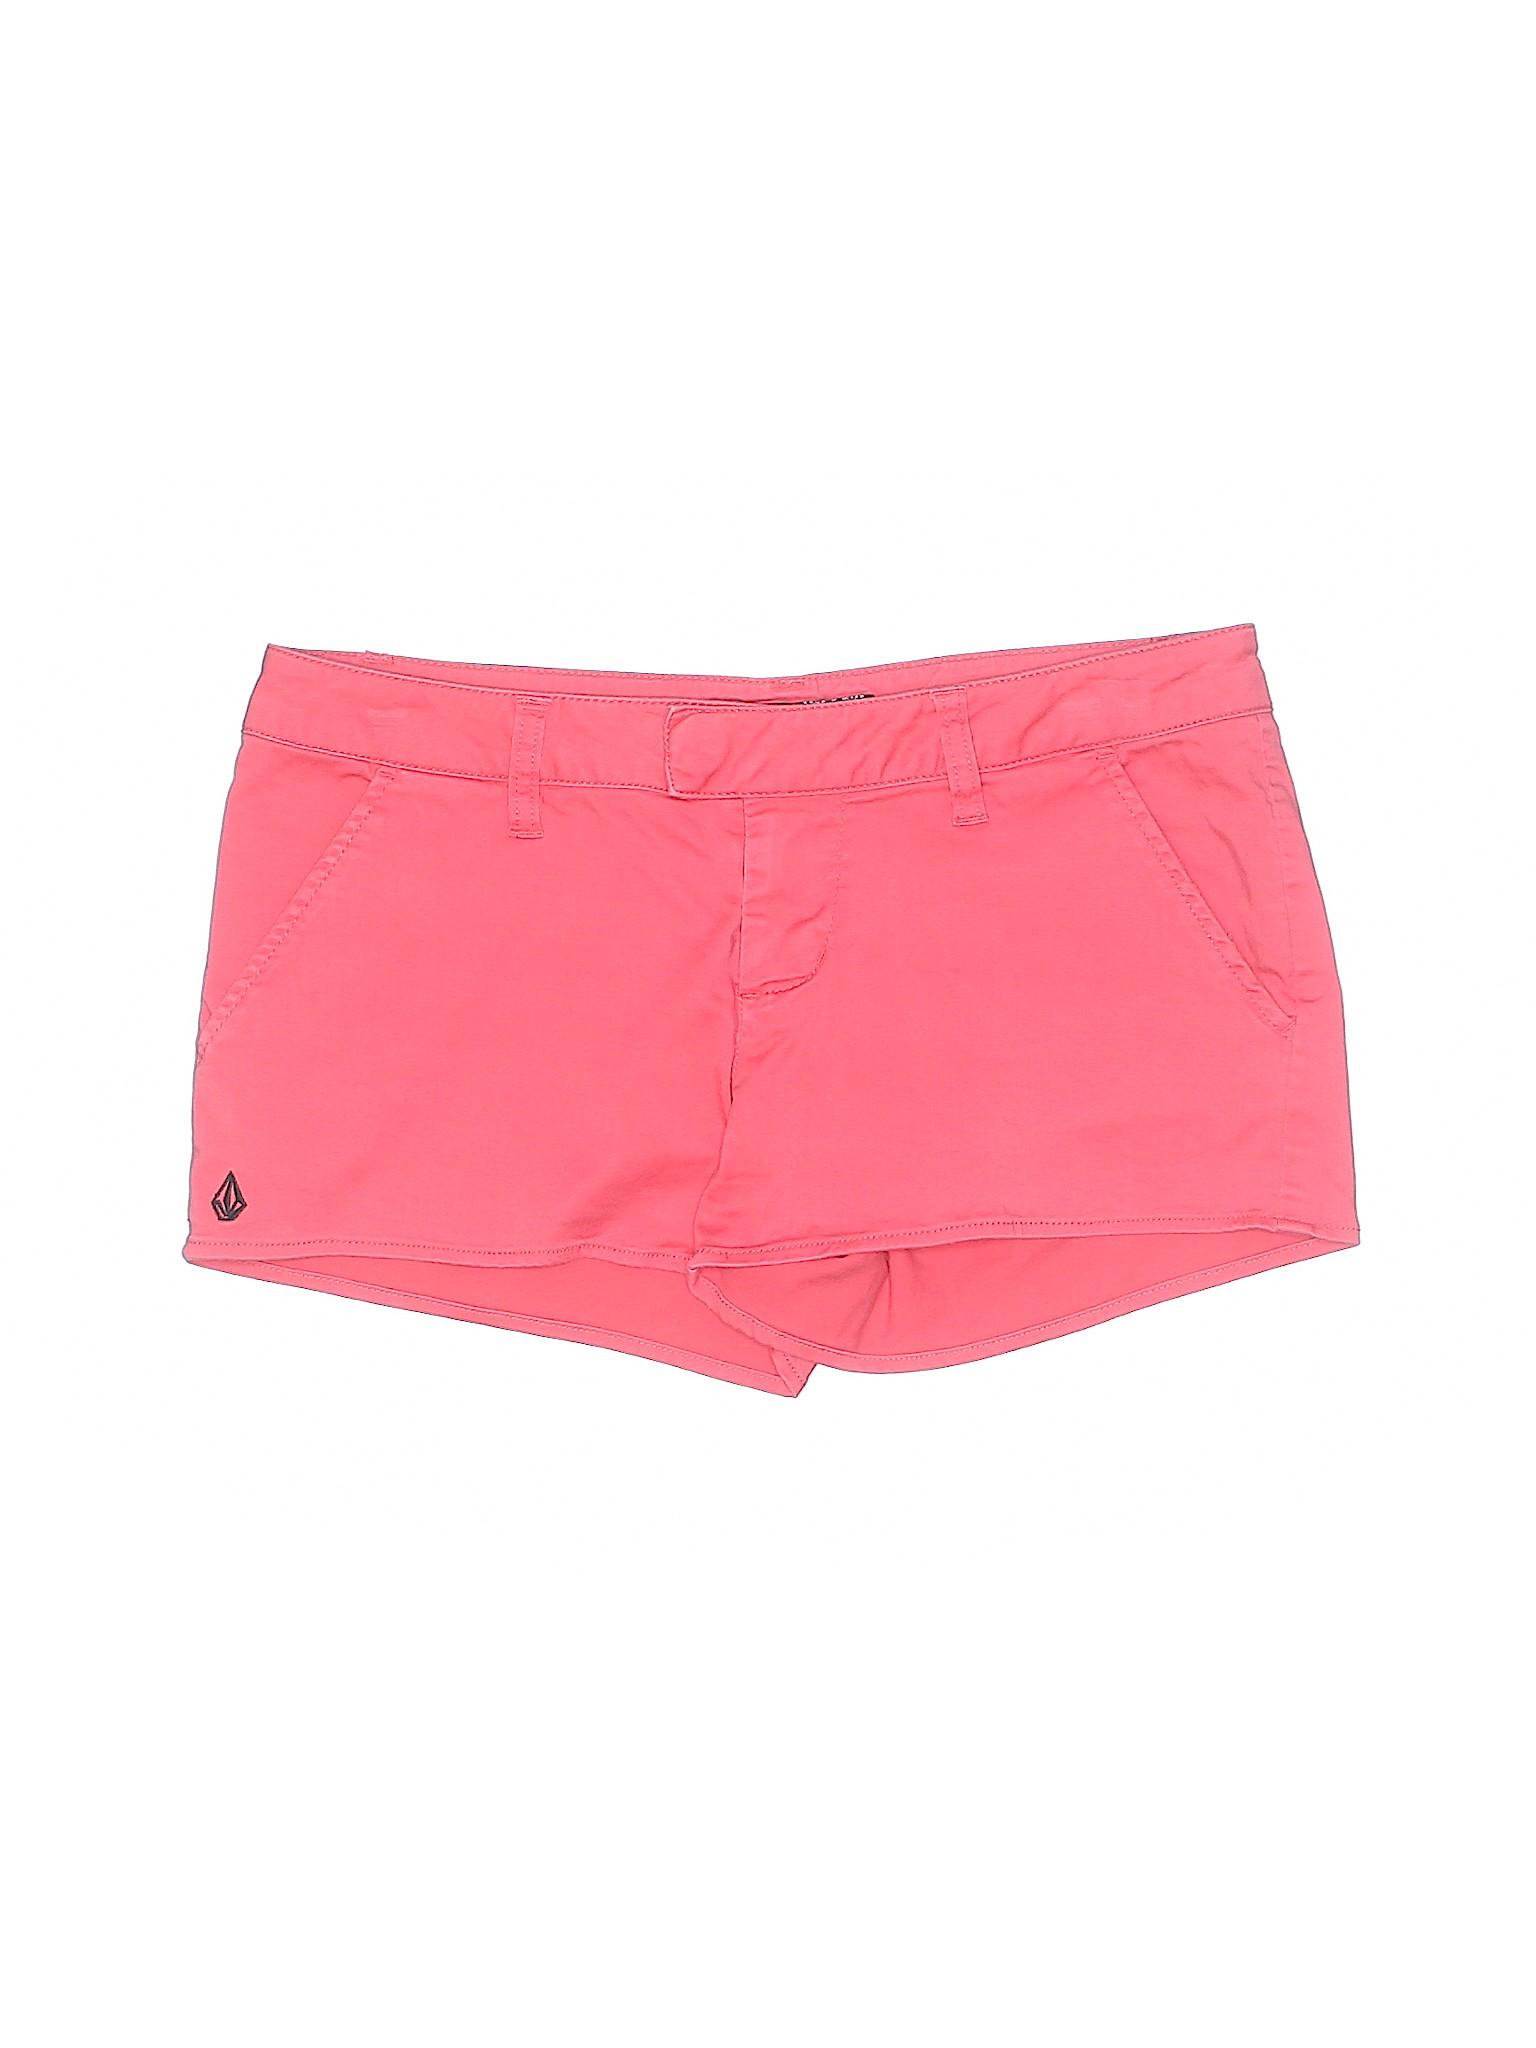 Boutique Volcom Boutique Volcom Shorts Khaki Khaki Volcom Khaki Boutique Shorts PnSRxF